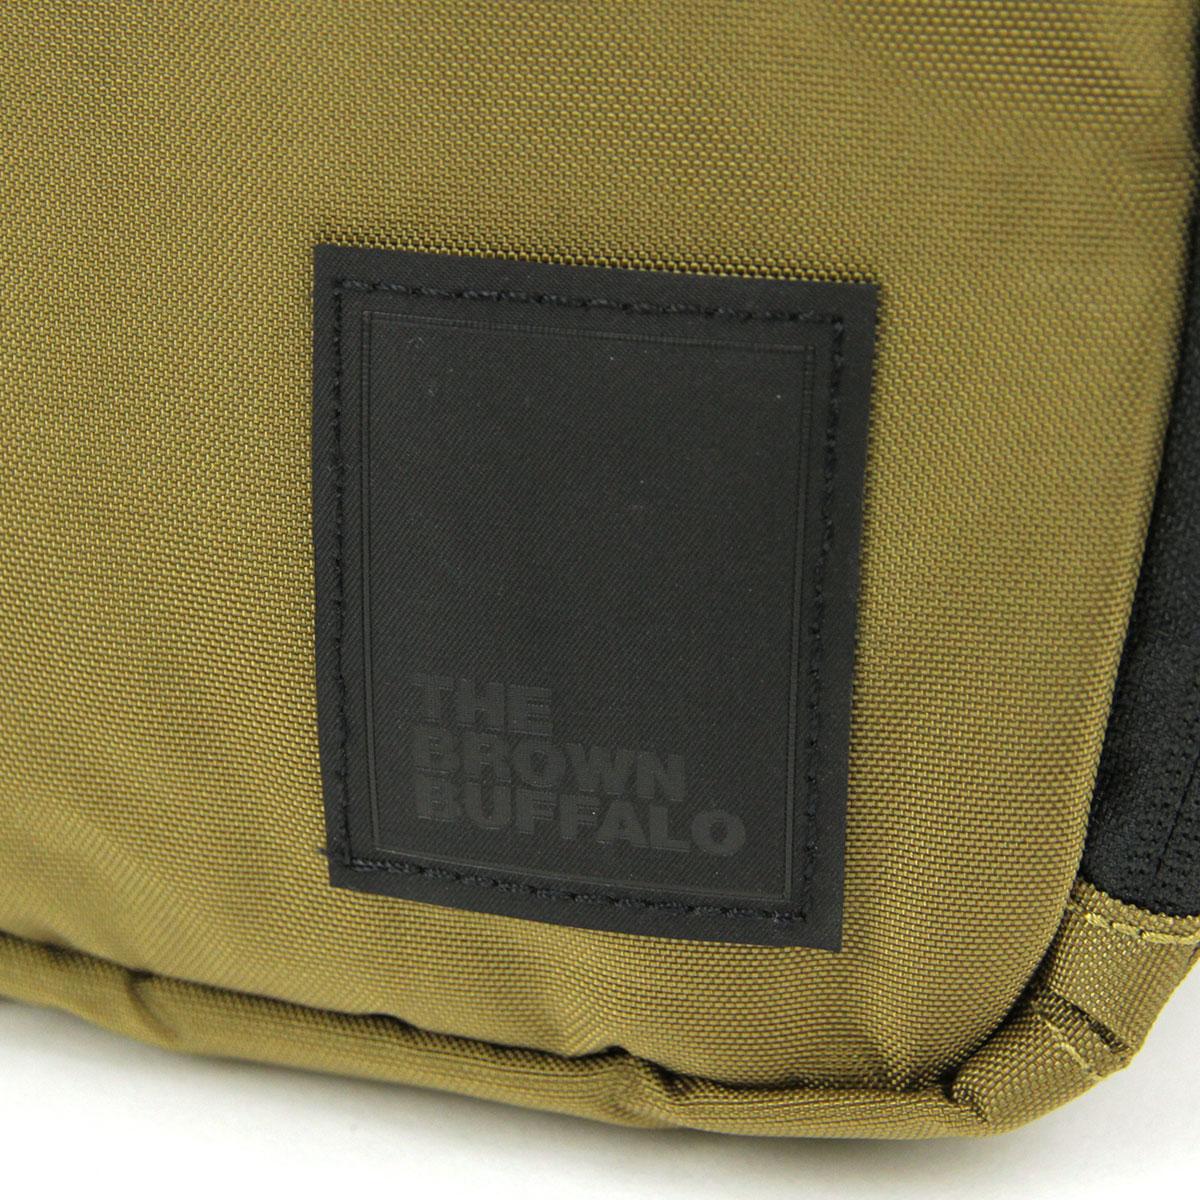 ザ ブラウン バッファロー バッグ メンズ レディース 正規販売店 THE BROWN BUFFALO ショルダーバッグ ボディバッグ CONCEALSLING COYOTE F18CS420DCOY3 AA7B B3C C8D D4E E05F